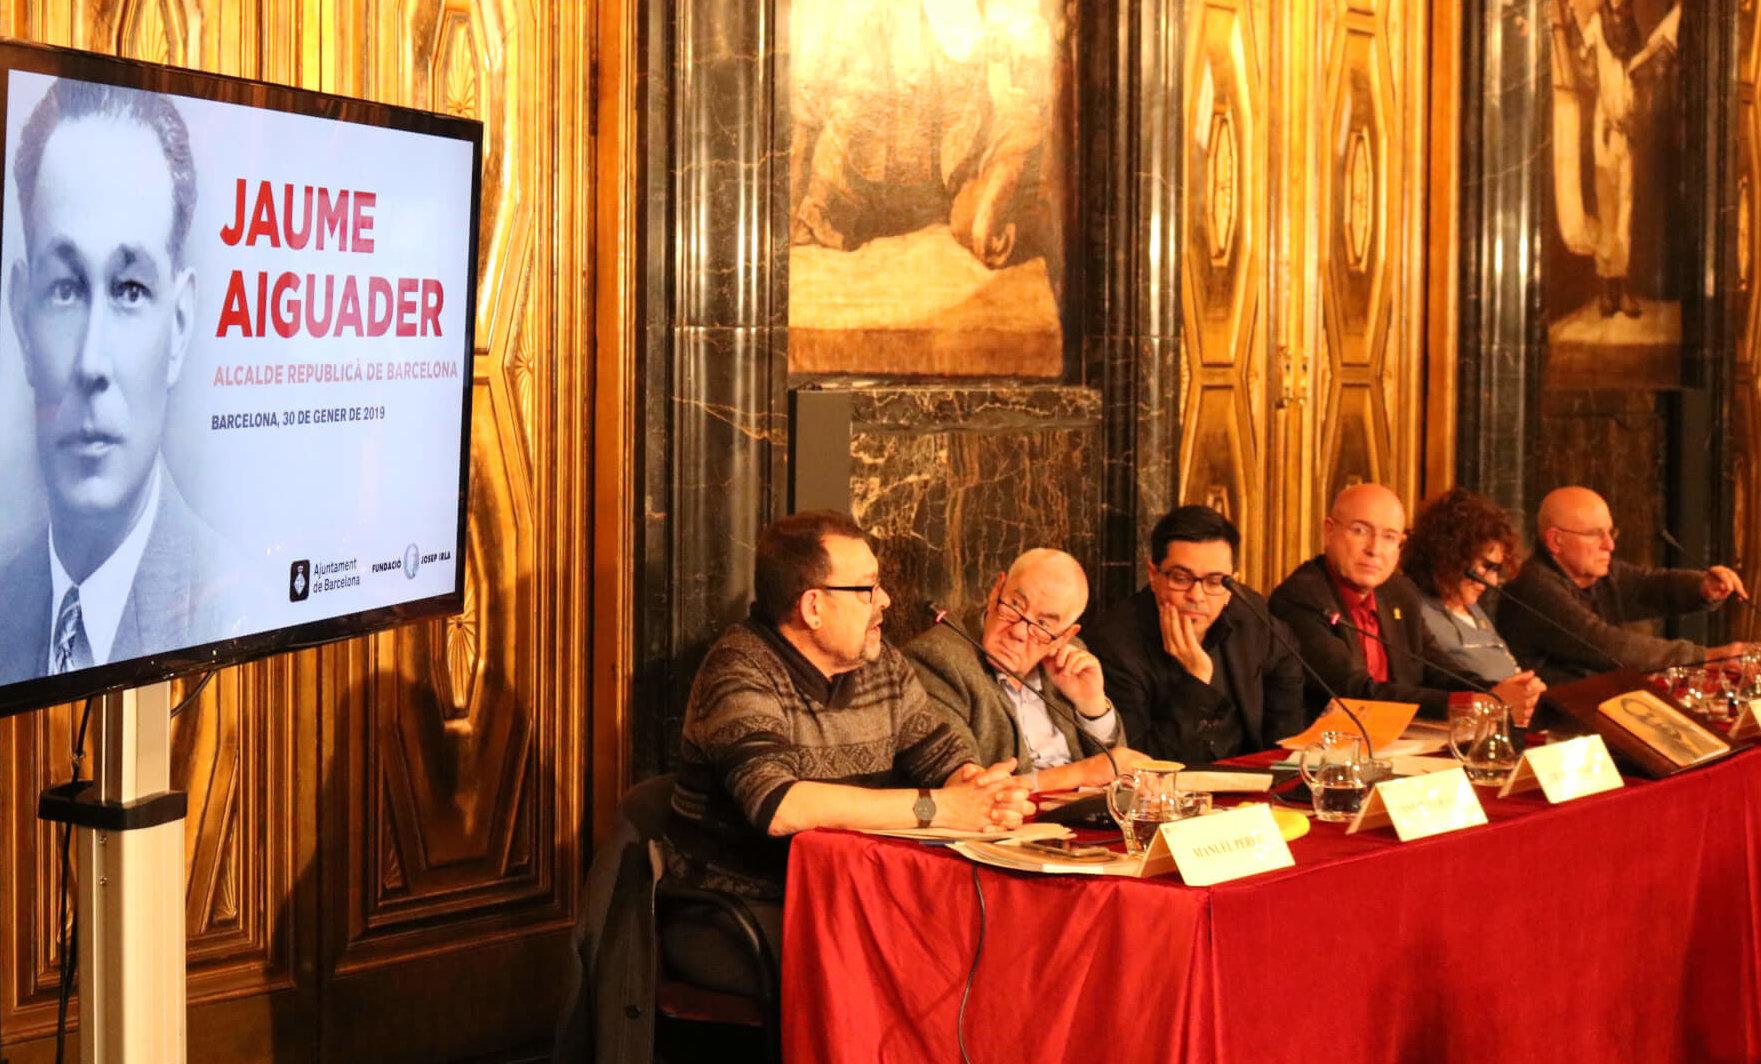 La presentació de la biografia de l'alcalde barceloní Jaume Aiguader